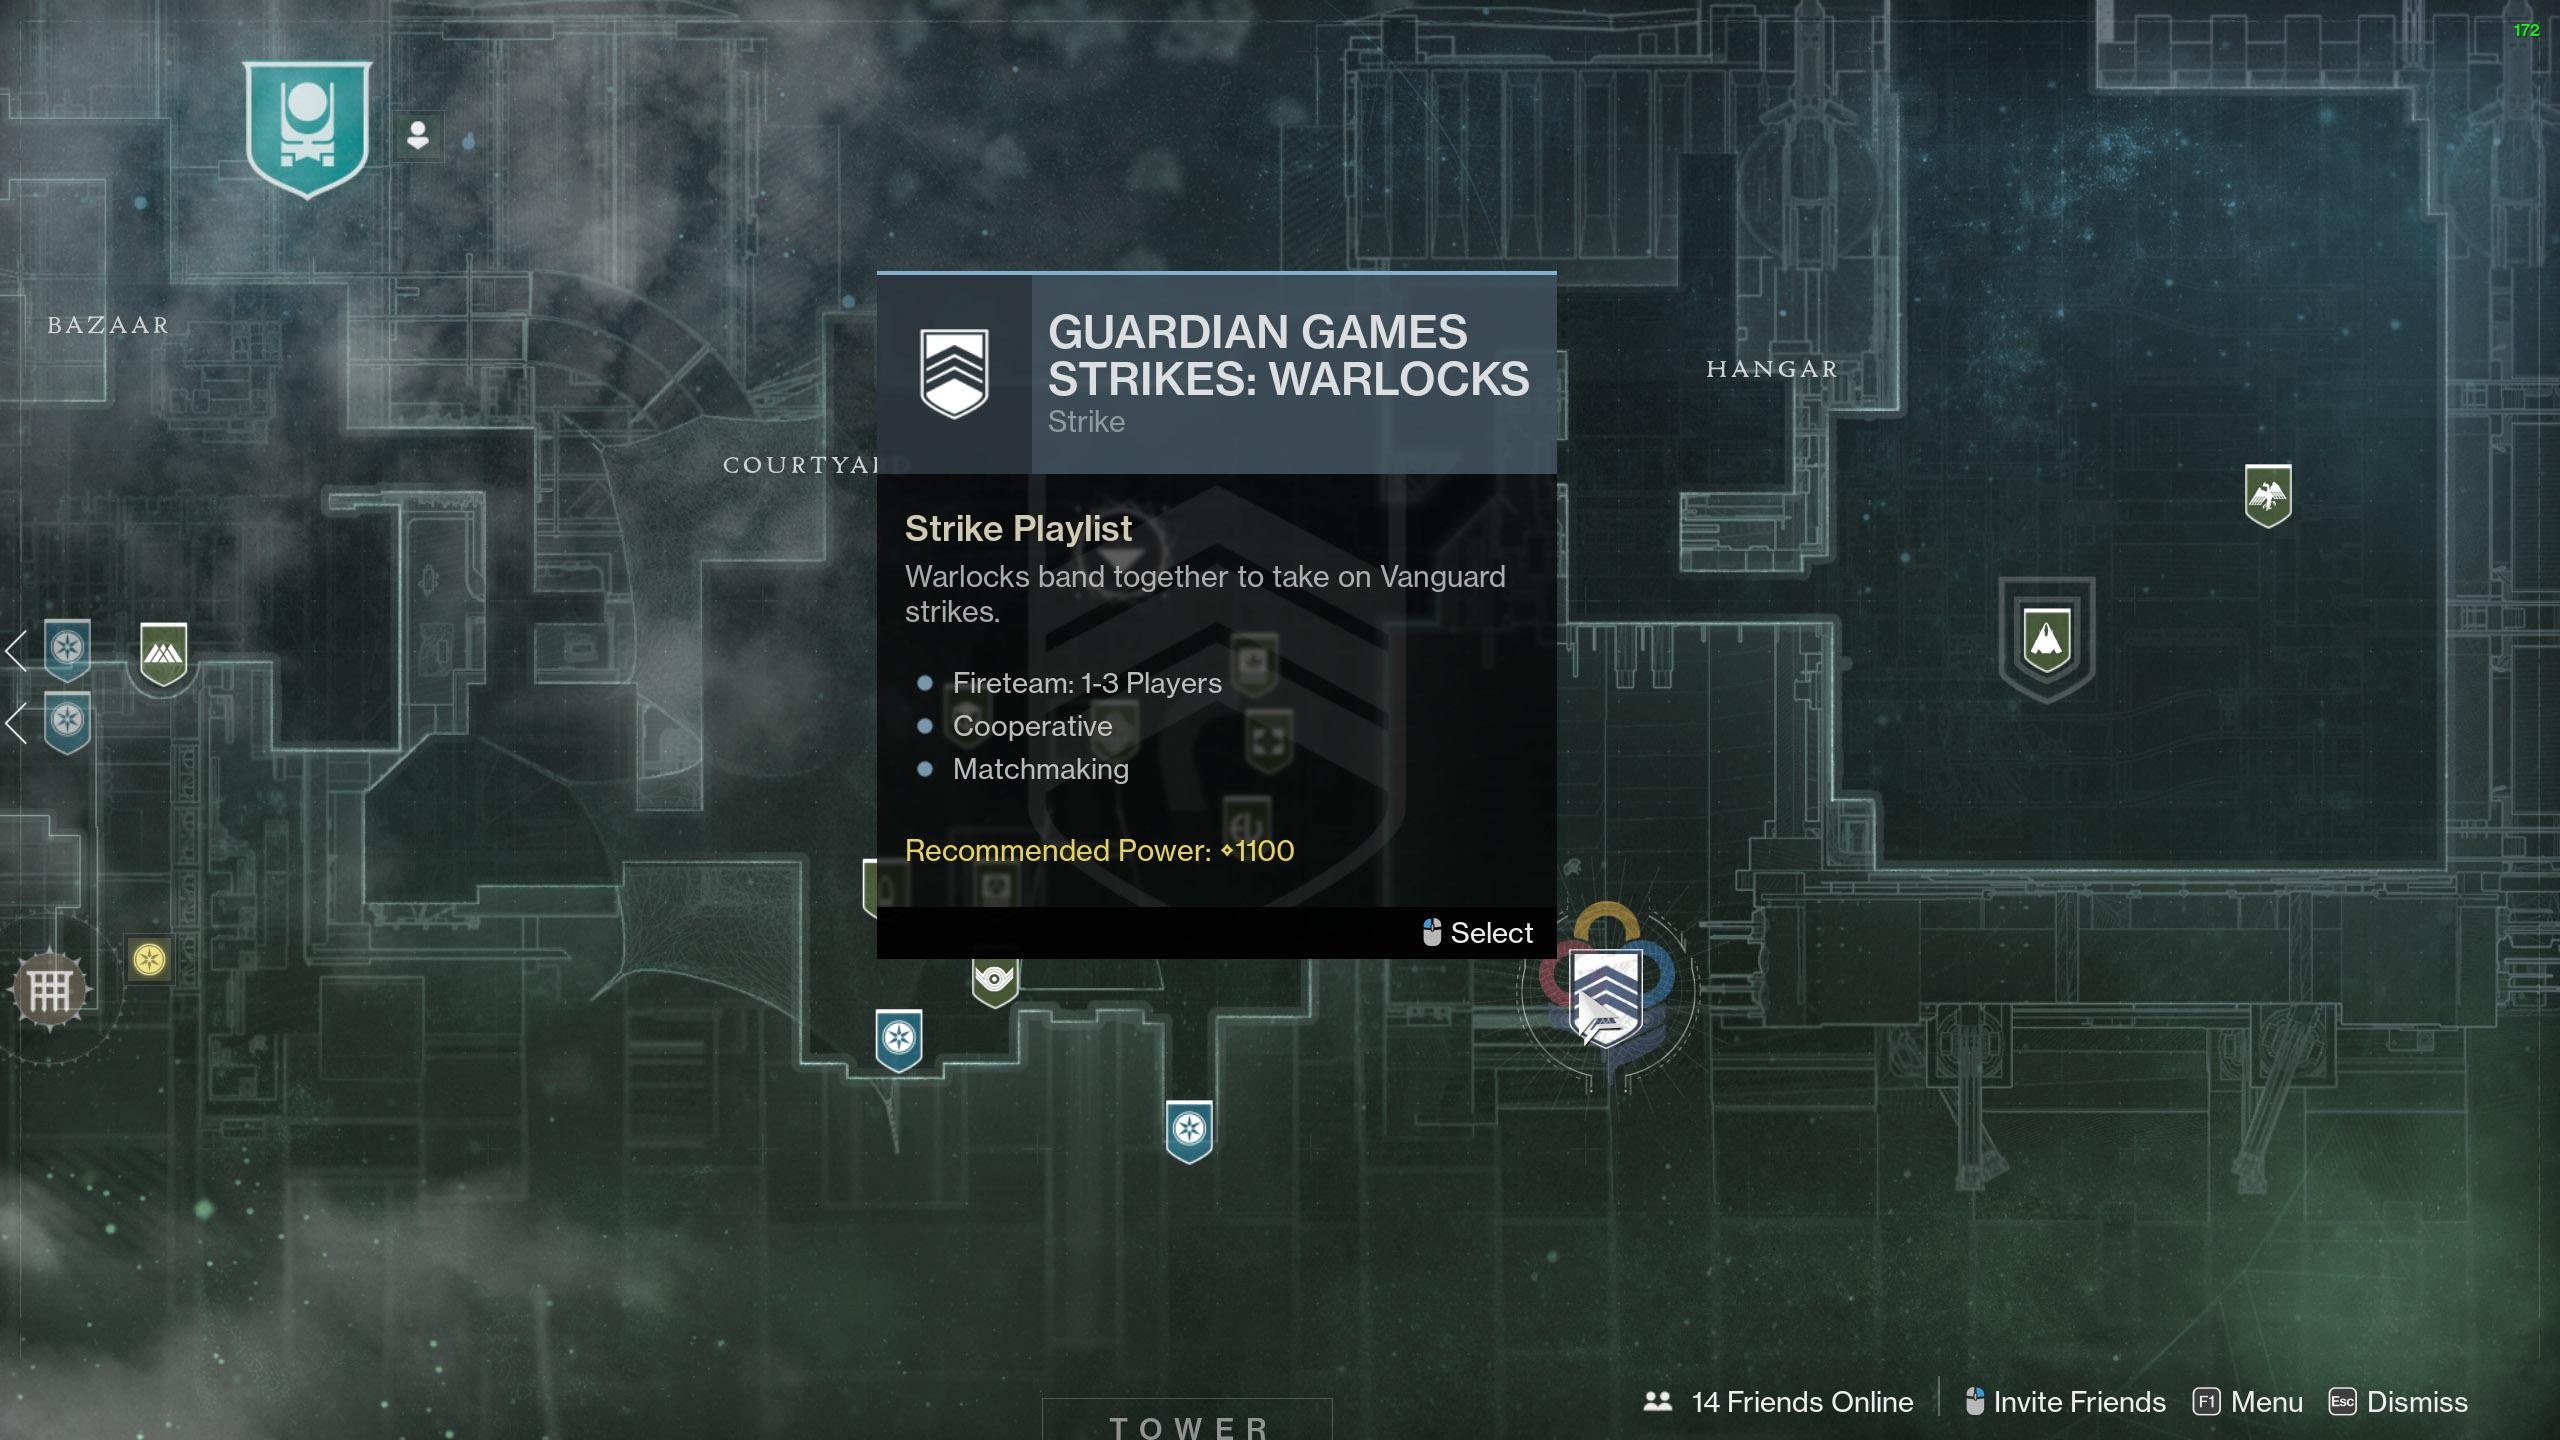 destiny 2 guardian games strike playlist